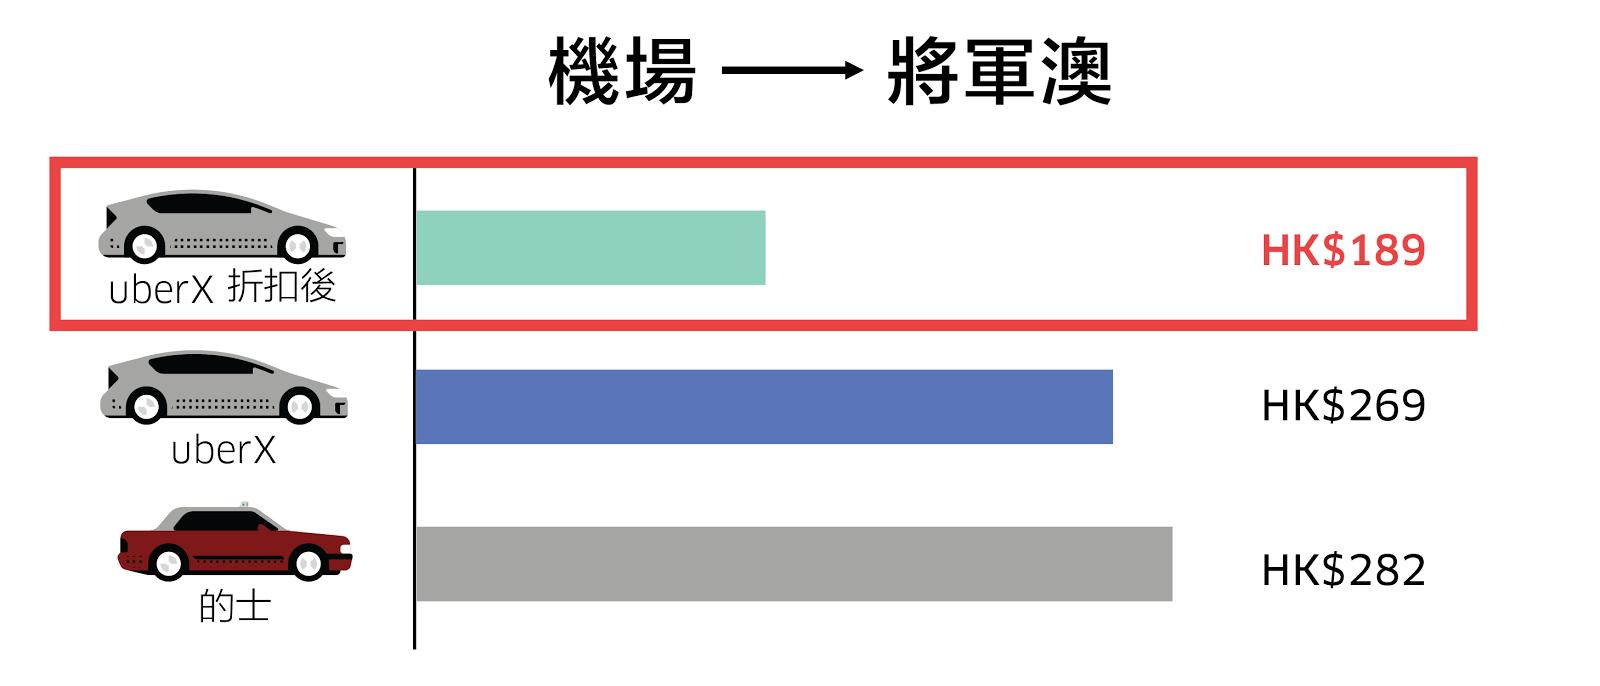 新年玩轉港澳臺 高達7折乘車優惠   Uber Blog